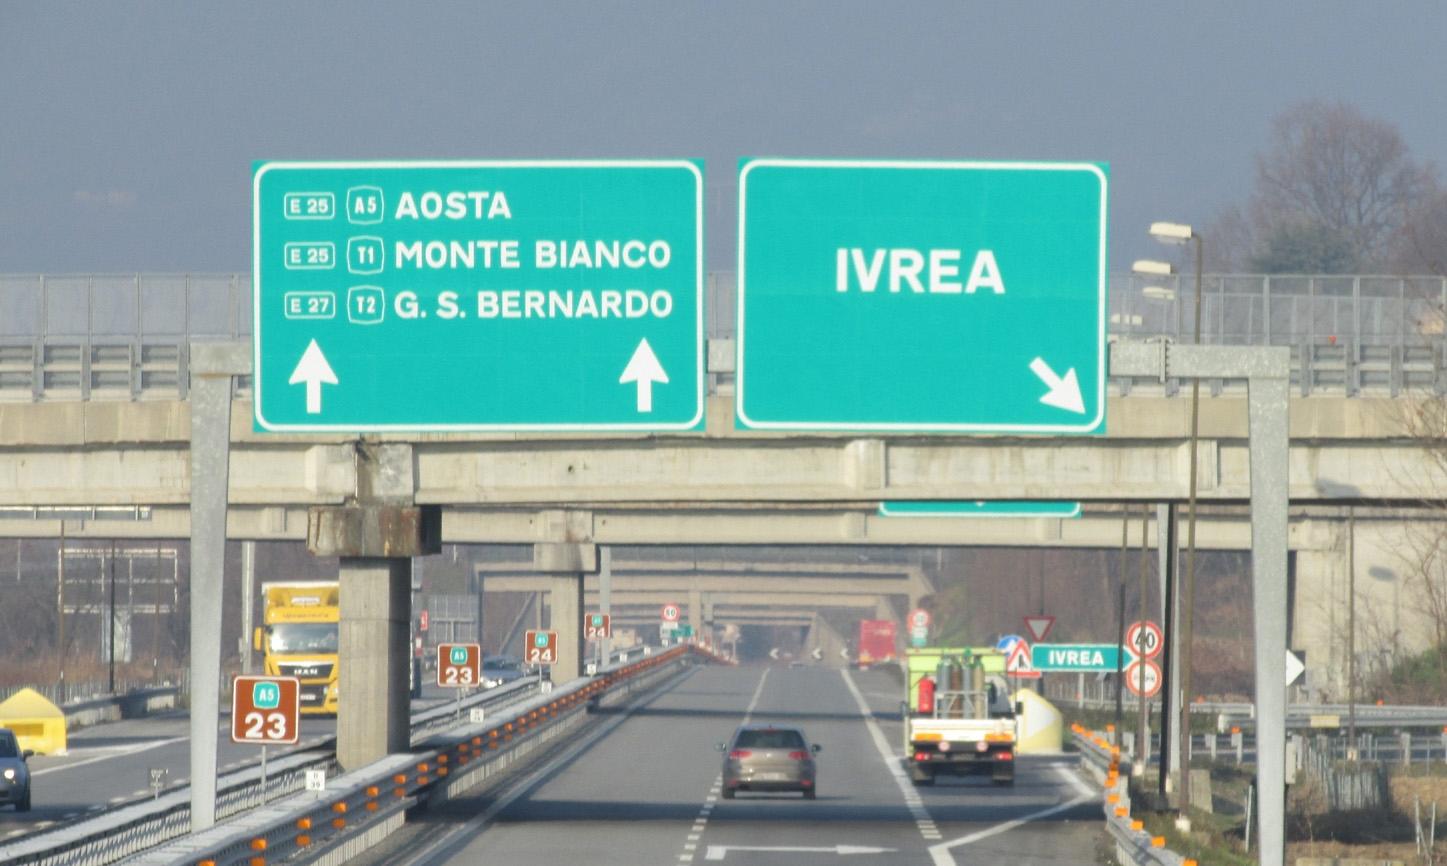 IVREA - Resta chiuso lo svincolo per Torino sul raccordo Ivrea-Santhià